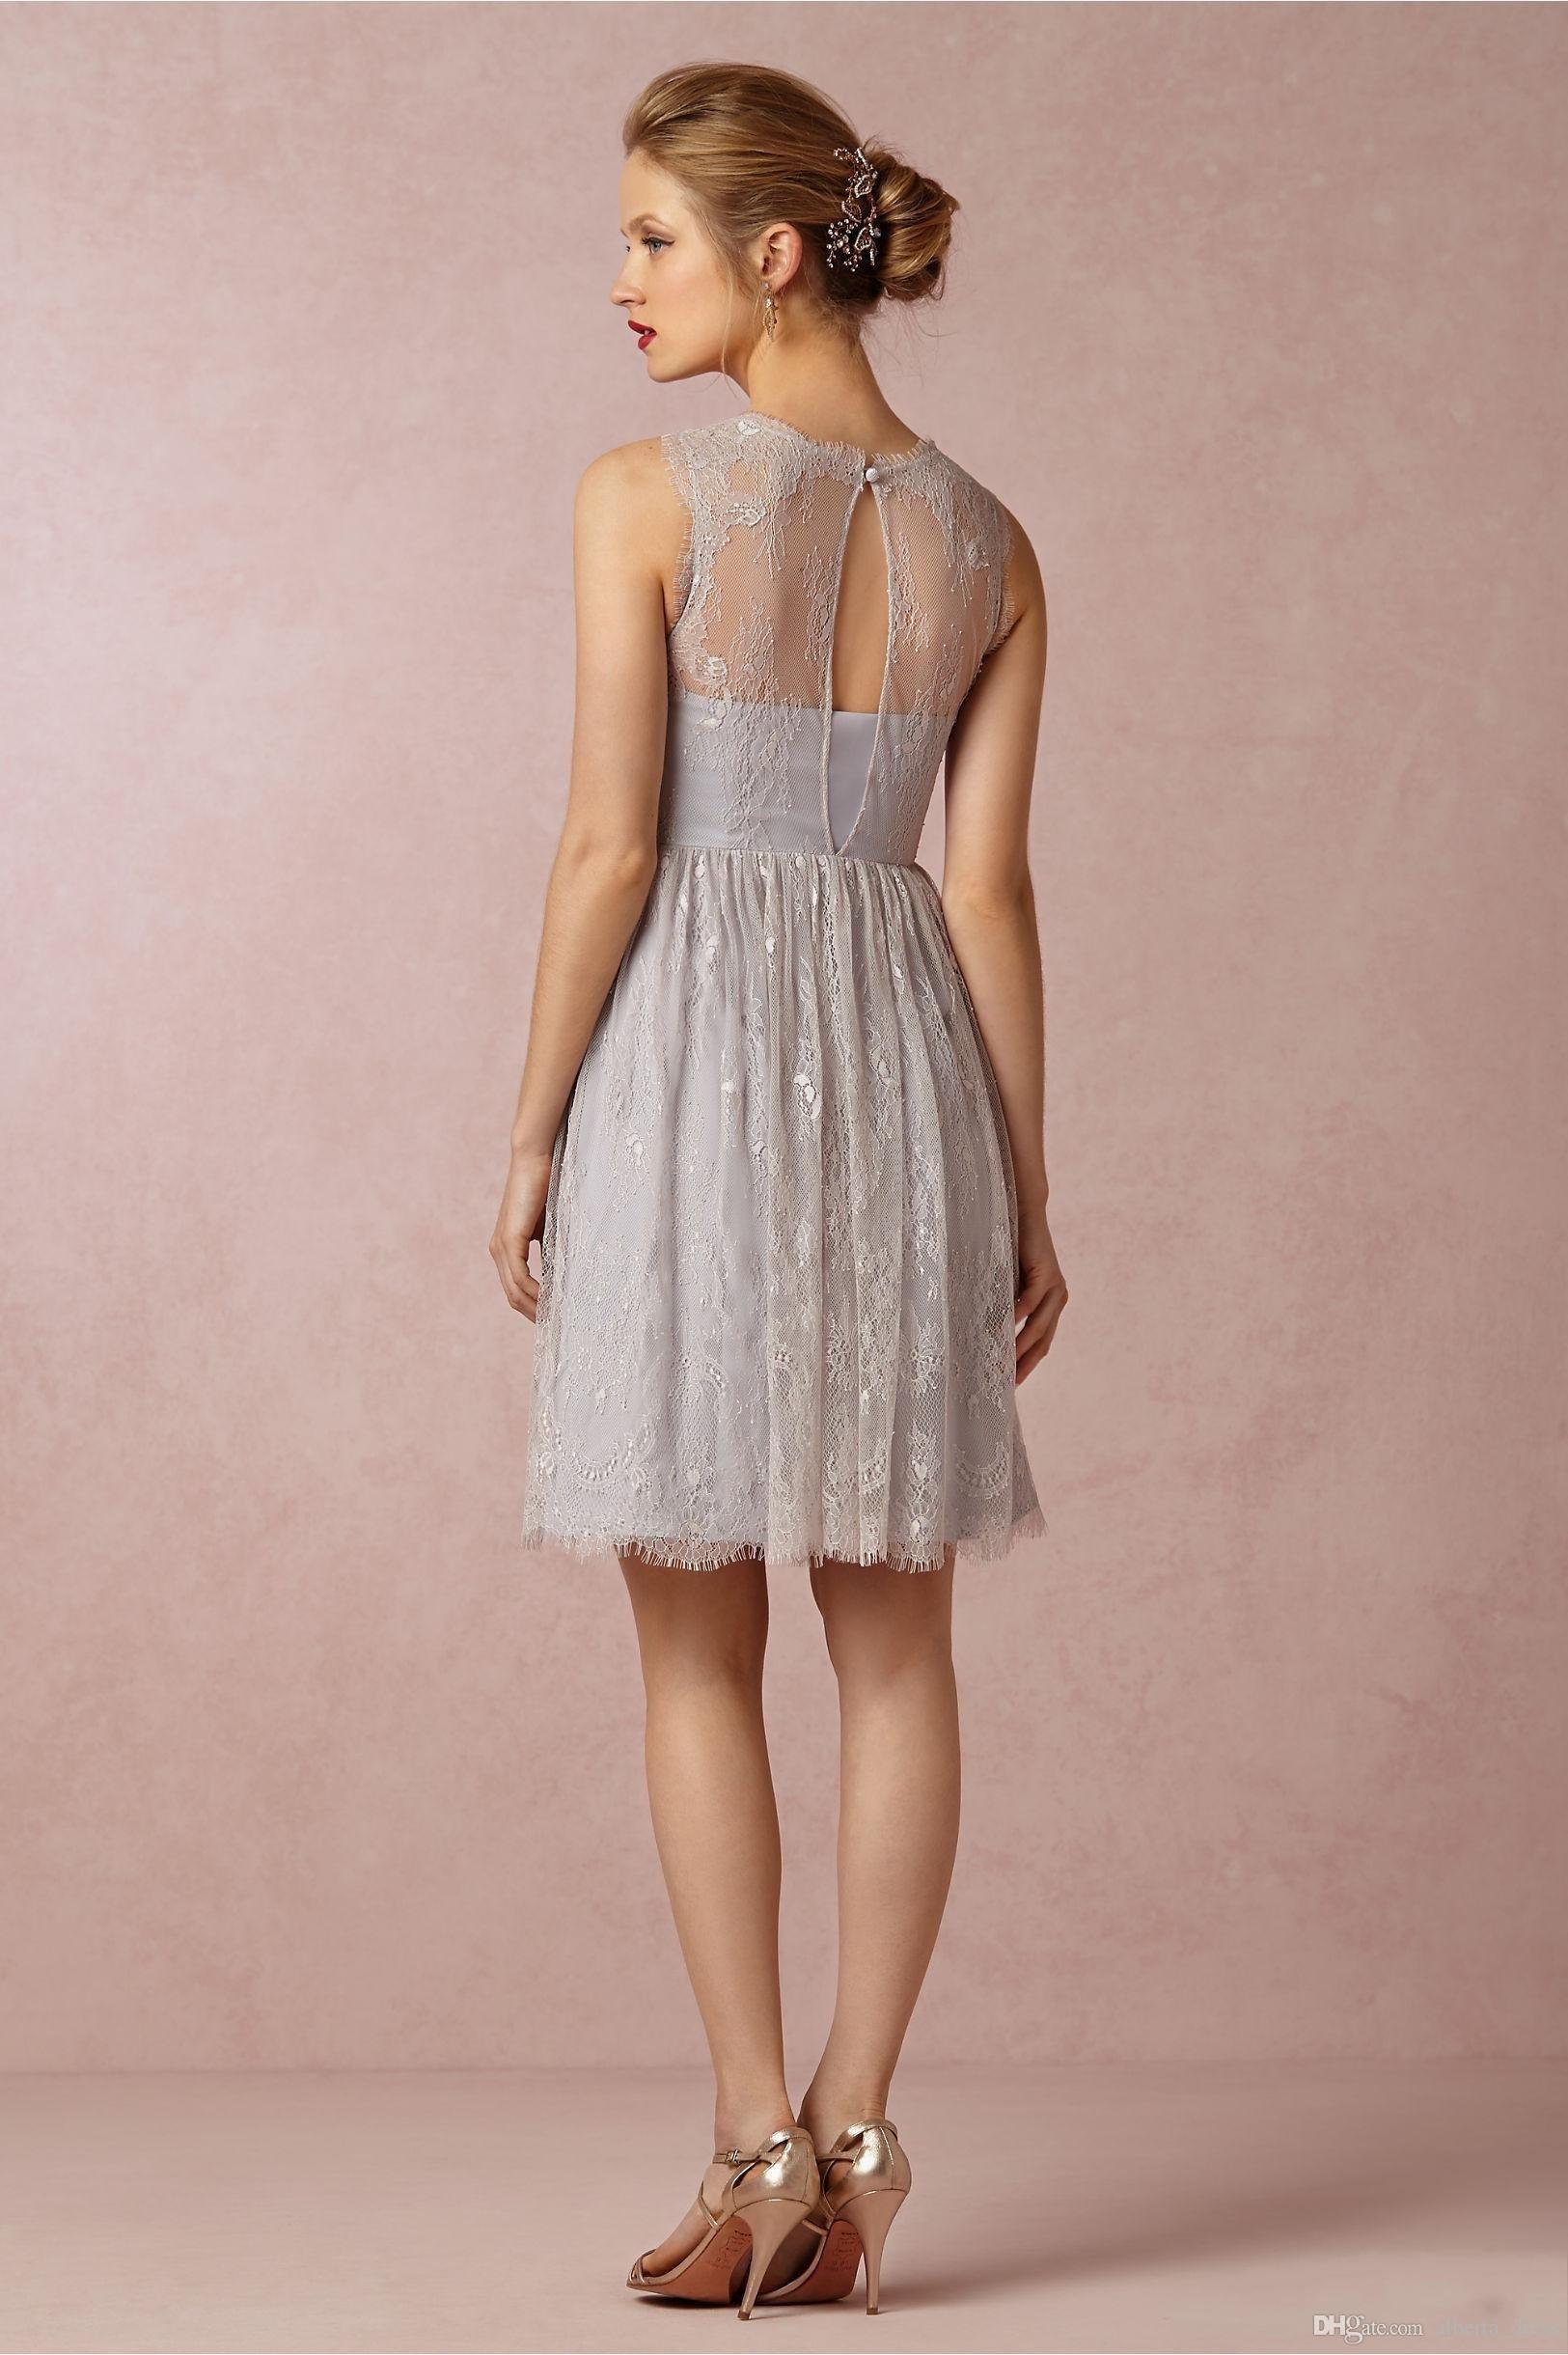 Designer Einfach Kleid Grau Spitze für 201913 Luxurius Kleid Grau Spitze Stylish